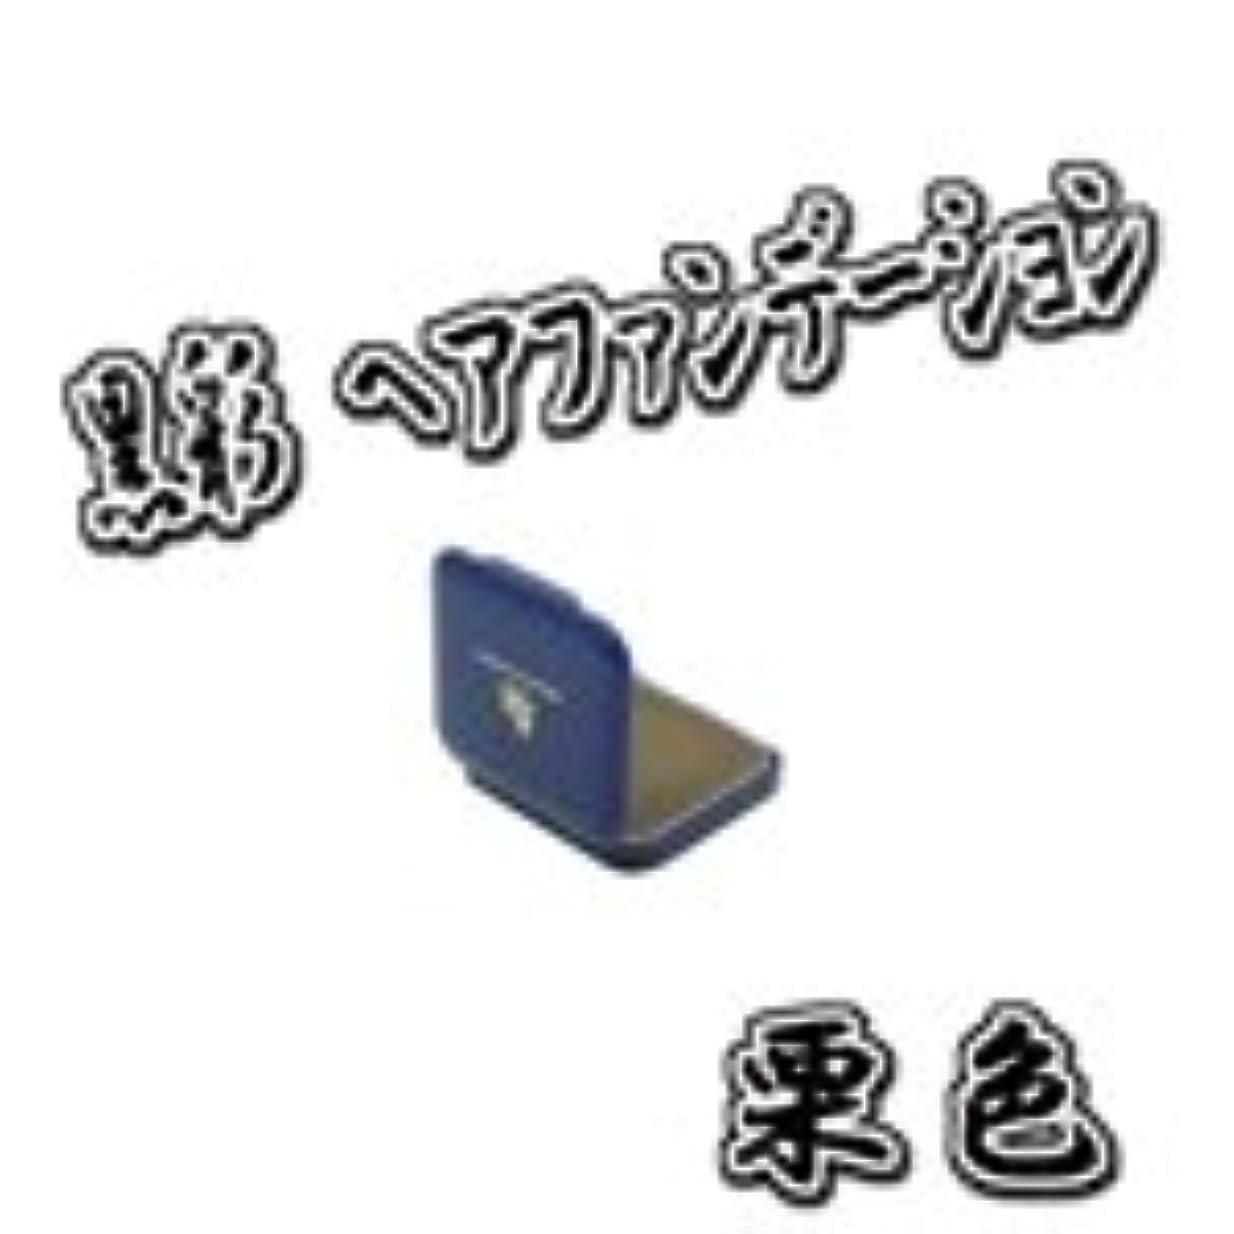 将来のレジデンス発見するAMOROS アモロス 黒彩 ヘアファンデーション 【栗】 13g ミニケース パフ付